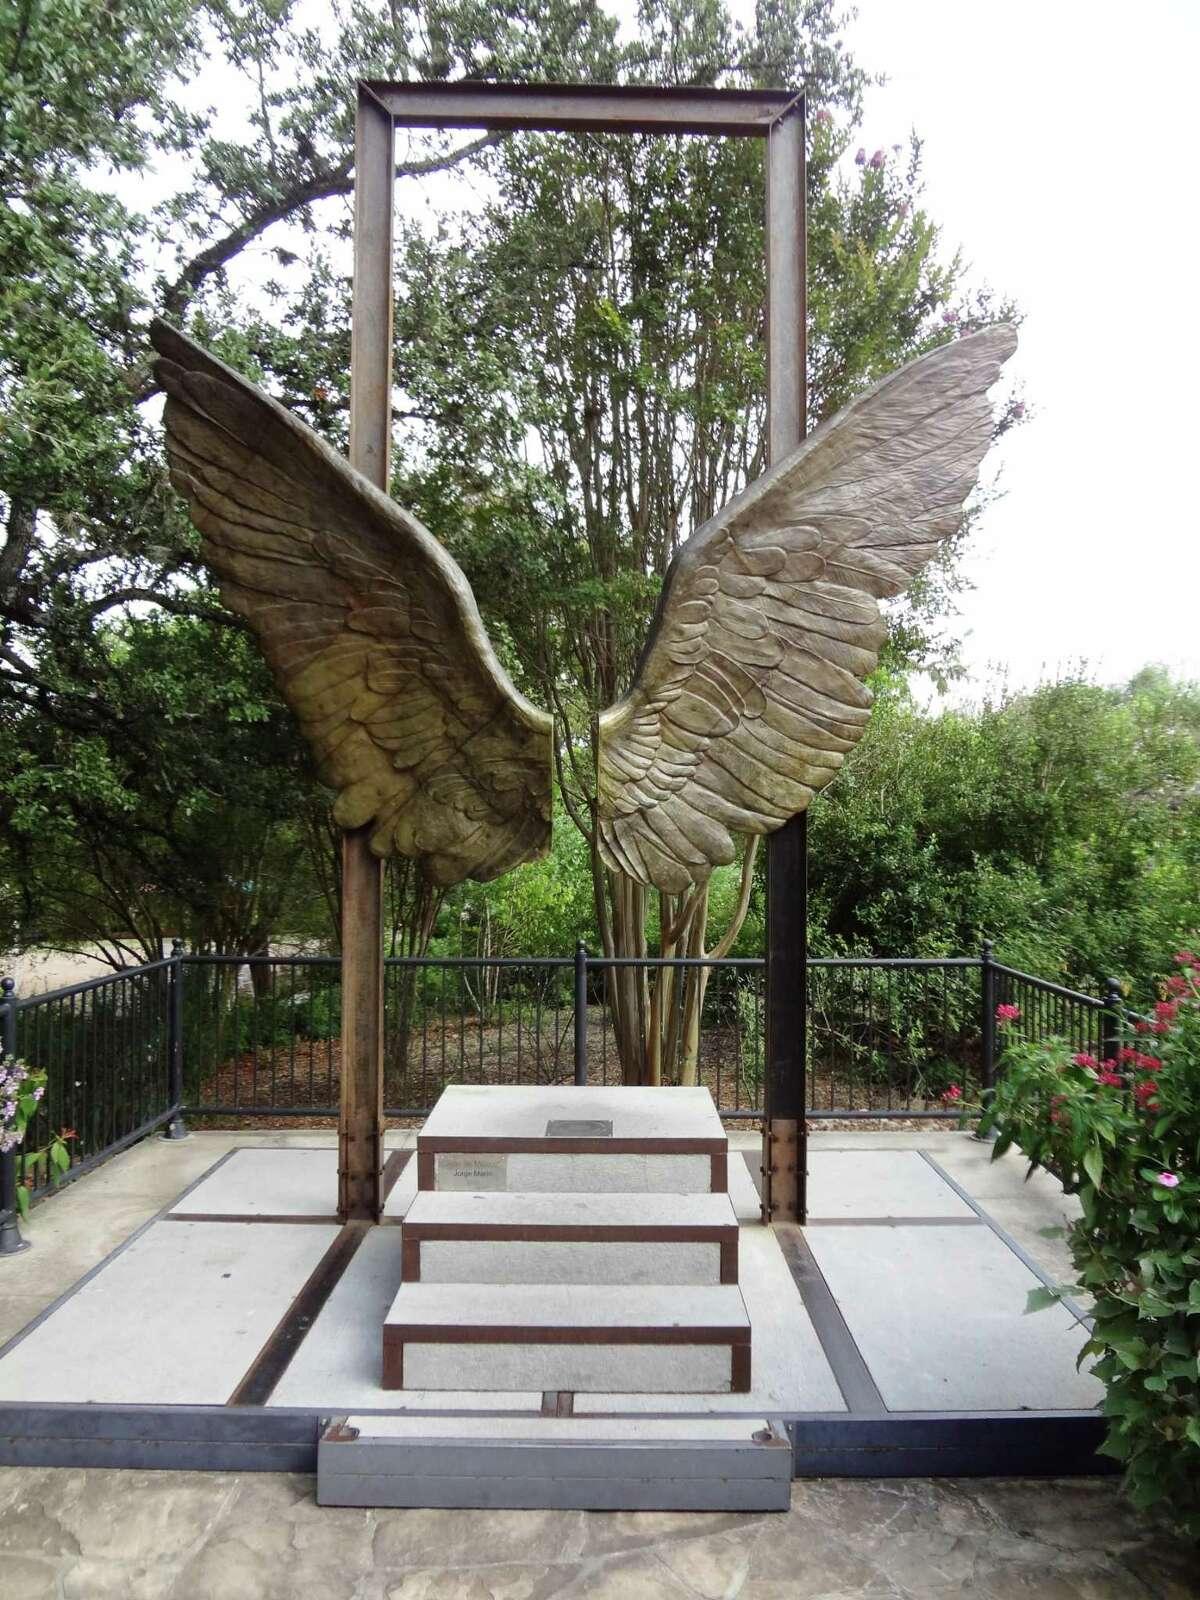 Mexican artist Jorge Marín's Alas de México when the piece was on exhibit three years ago at the San Antonio Botanical Garden.